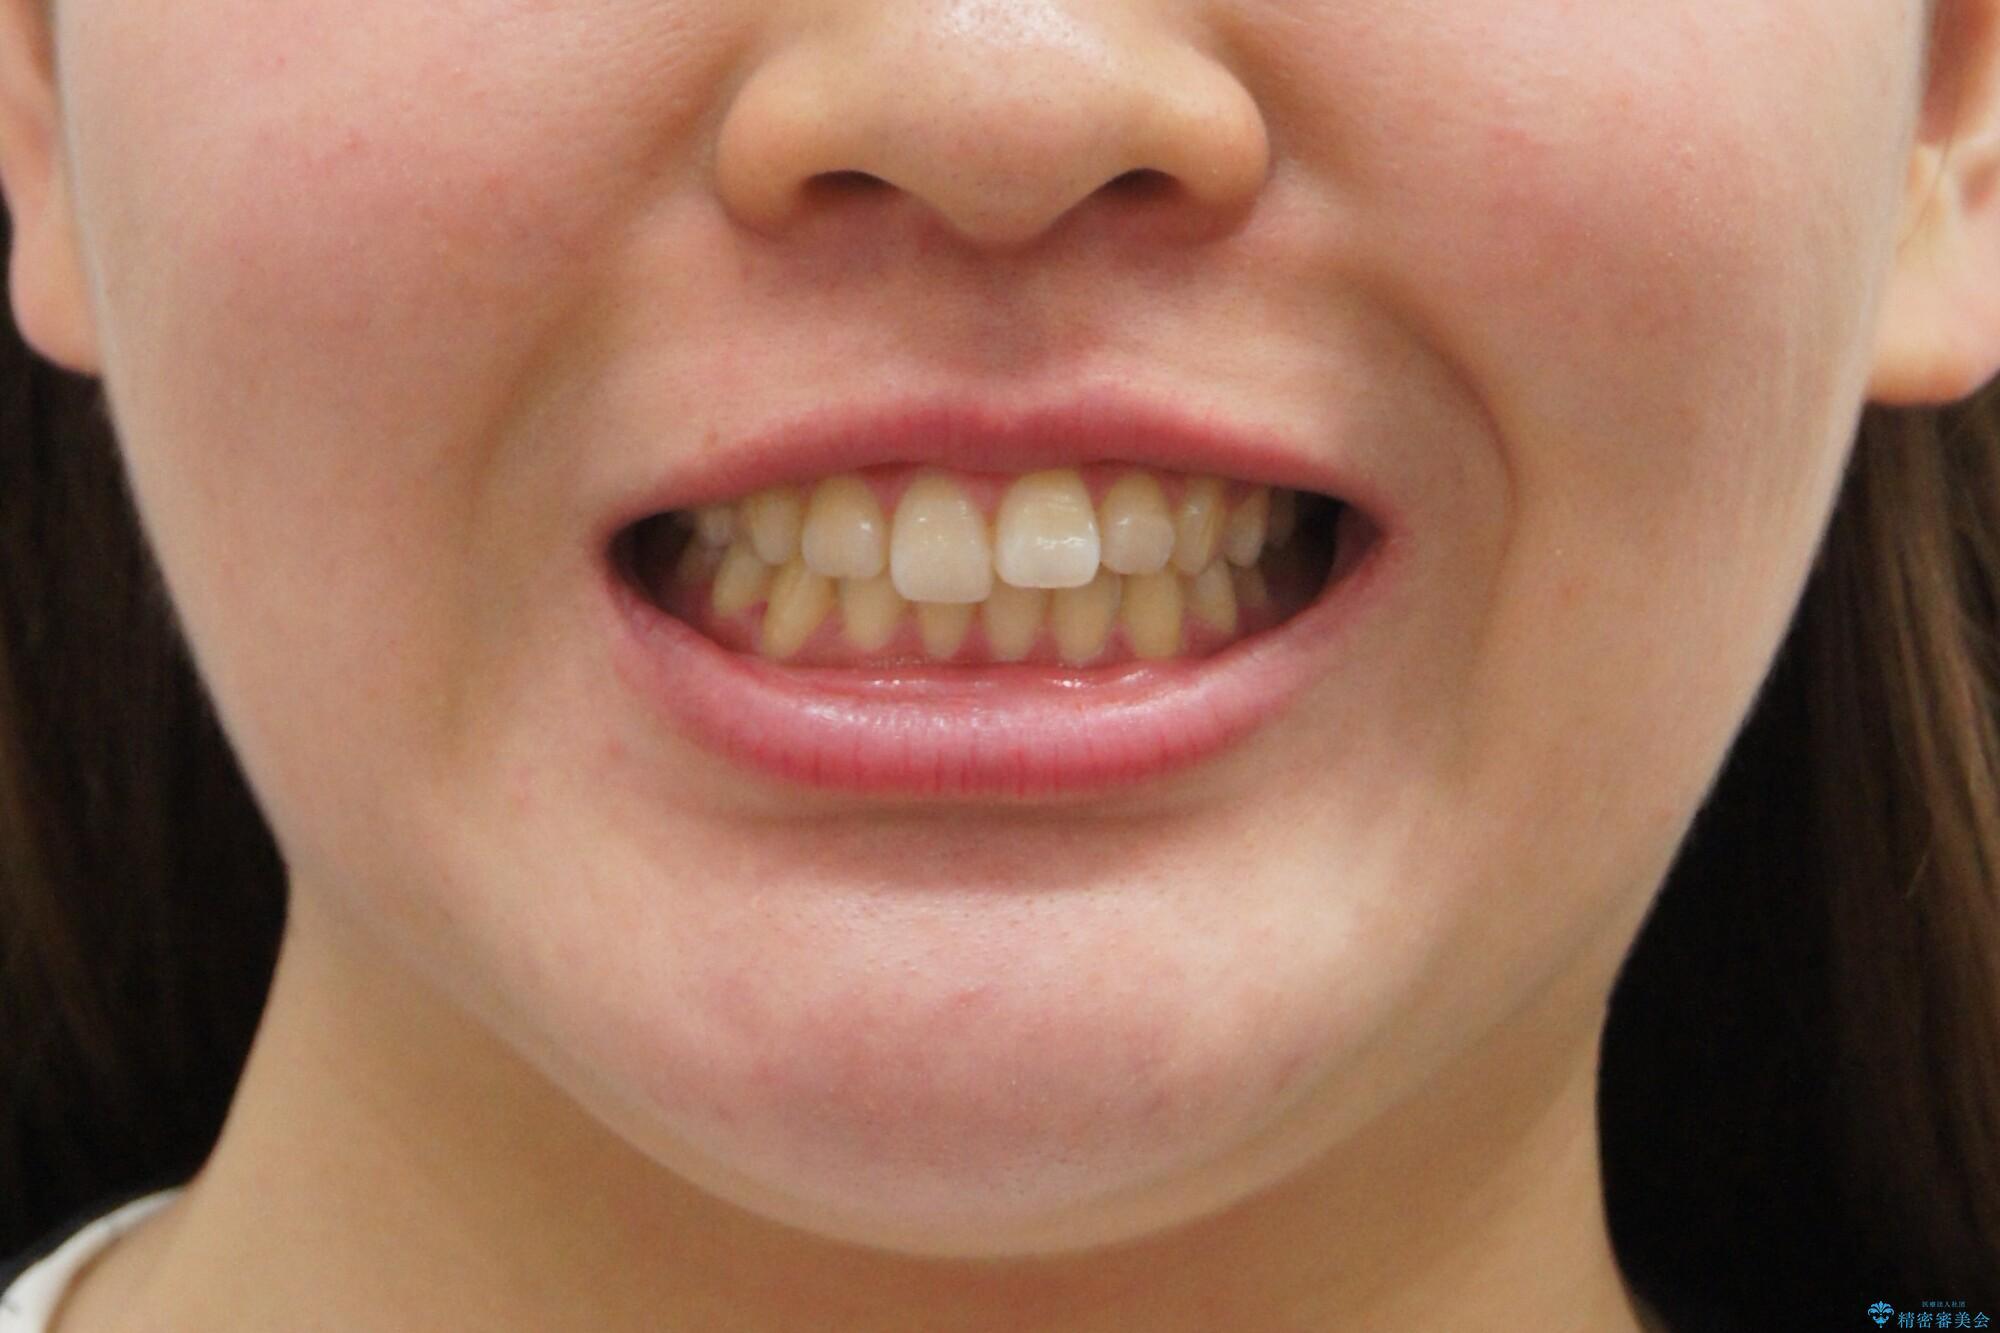 出っ歯 インビザラインで歯を抜かない治療の治療前(顔貌)